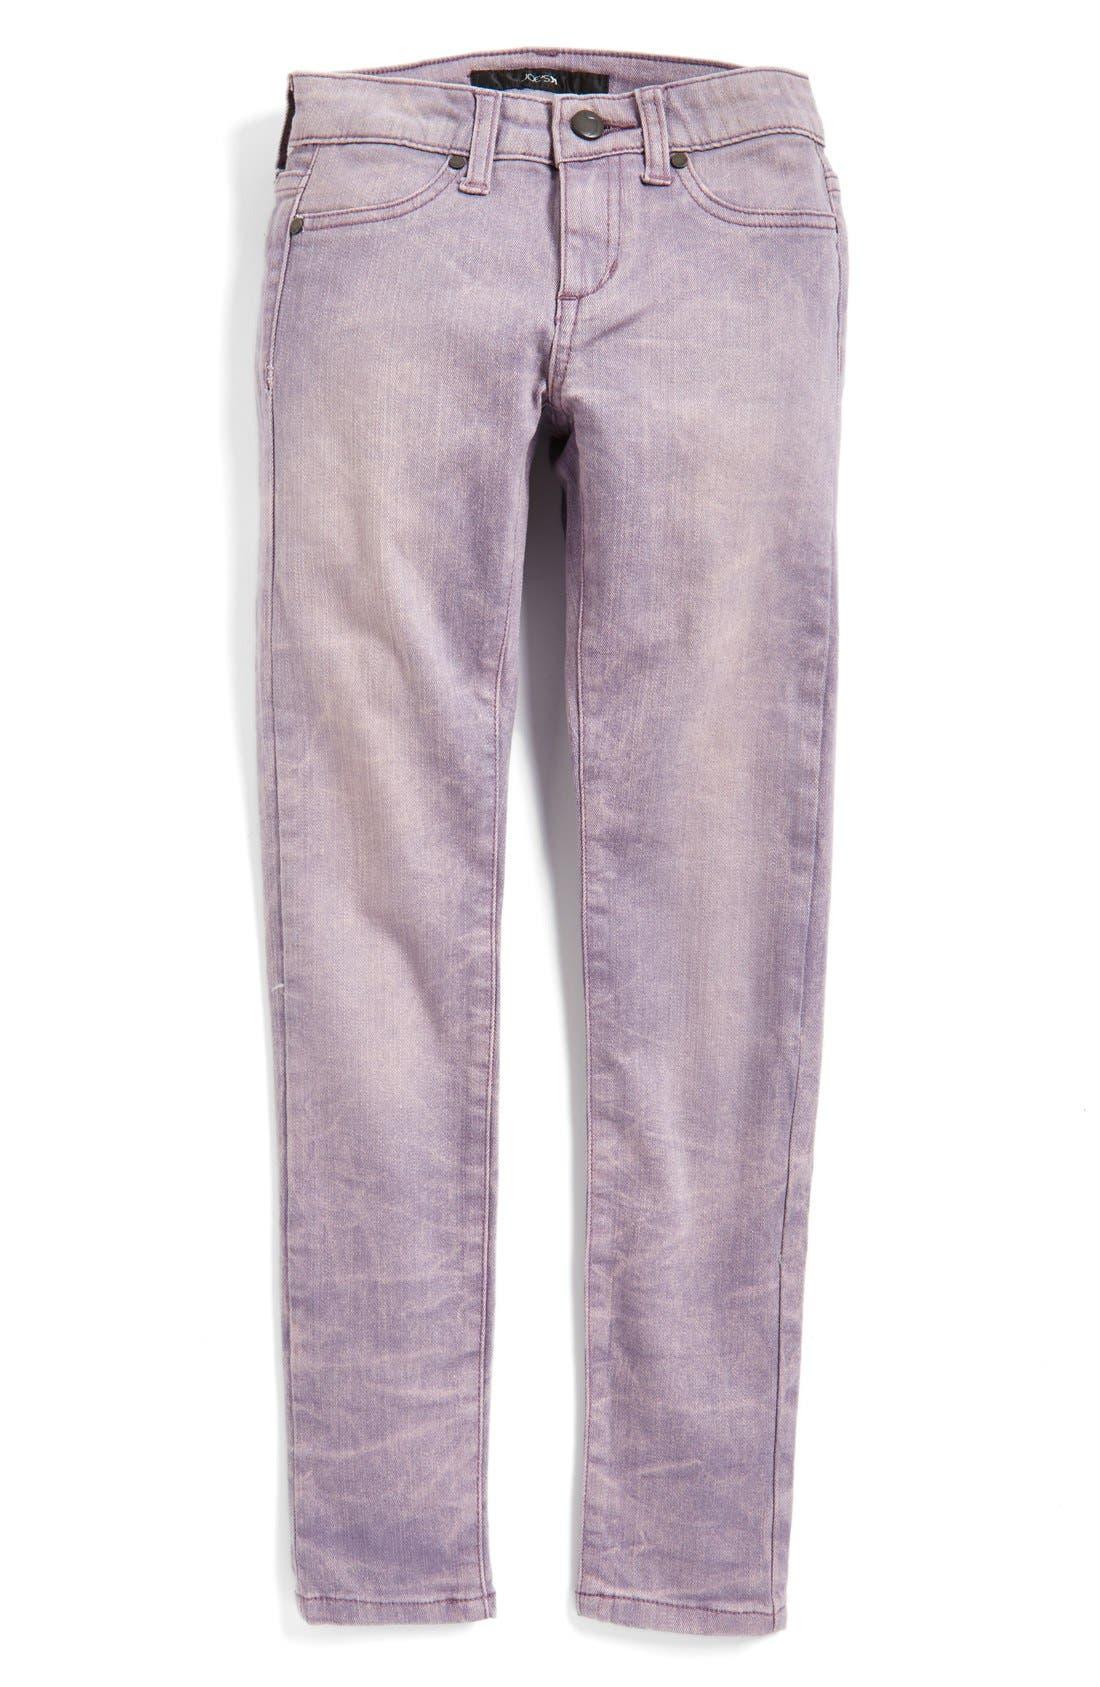 JOE'S 'Ice Dye' Jeans